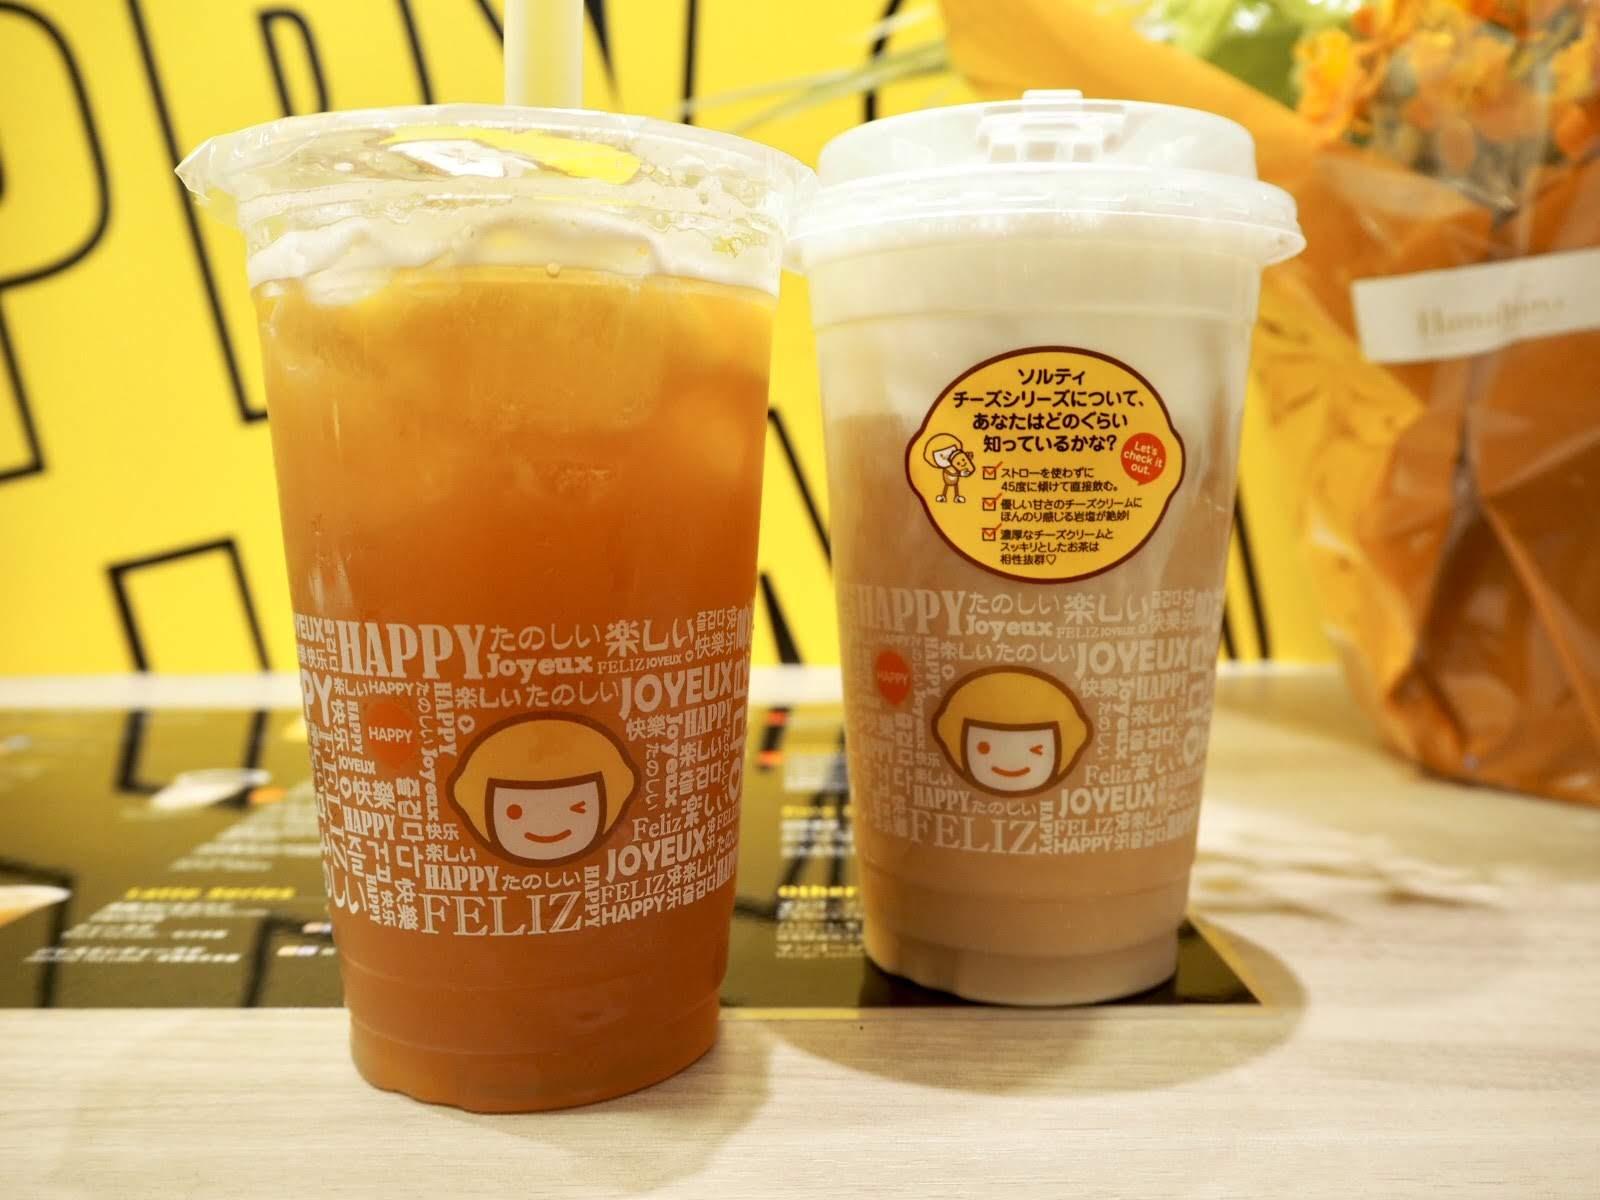 美味♡本格台湾茶専門店「HAPPY LEMON」のドリンクを飲んでみた🍋